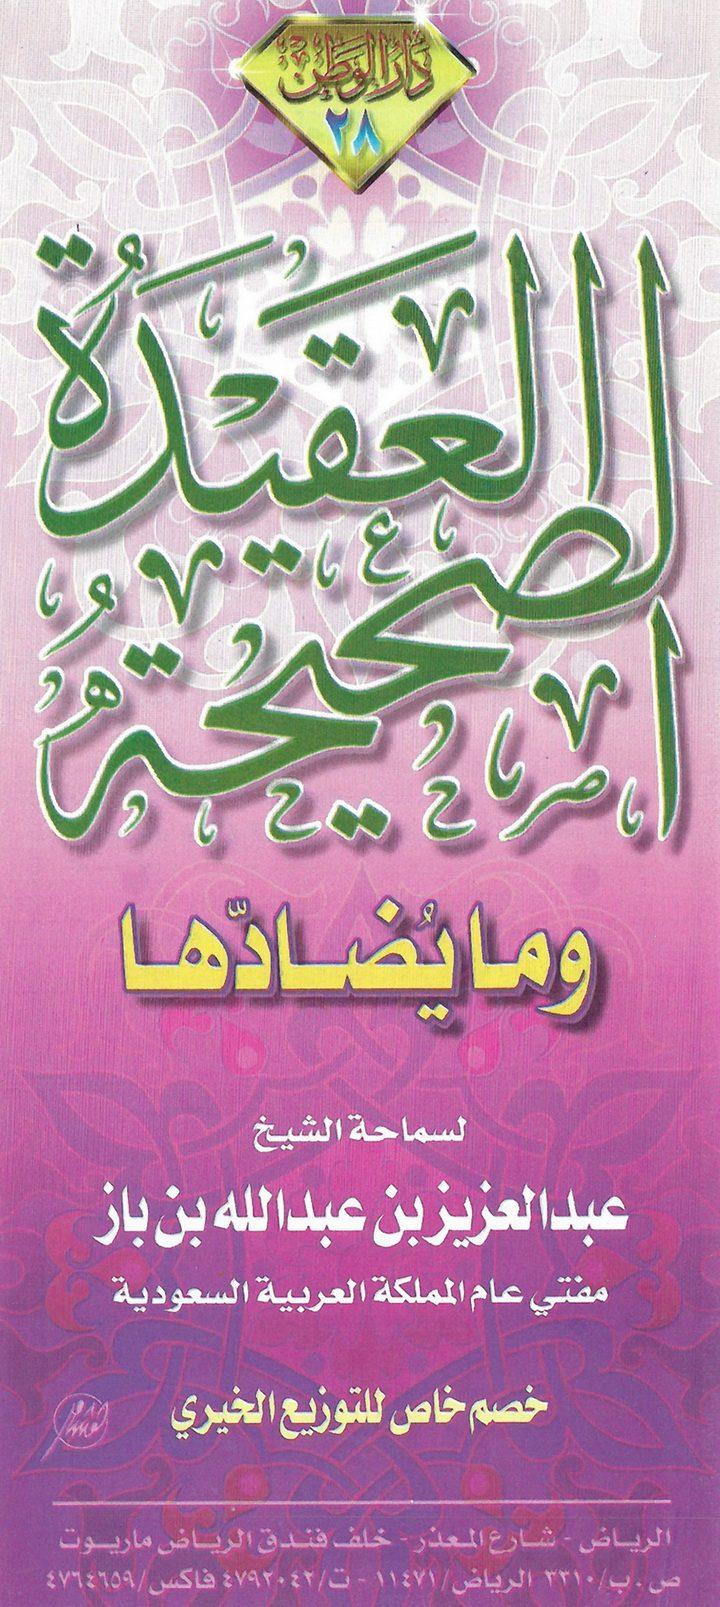 العقيدة الصحيحة وما يضادها (عبد العزيز بن عبد الله بن باز – دار الوطن)